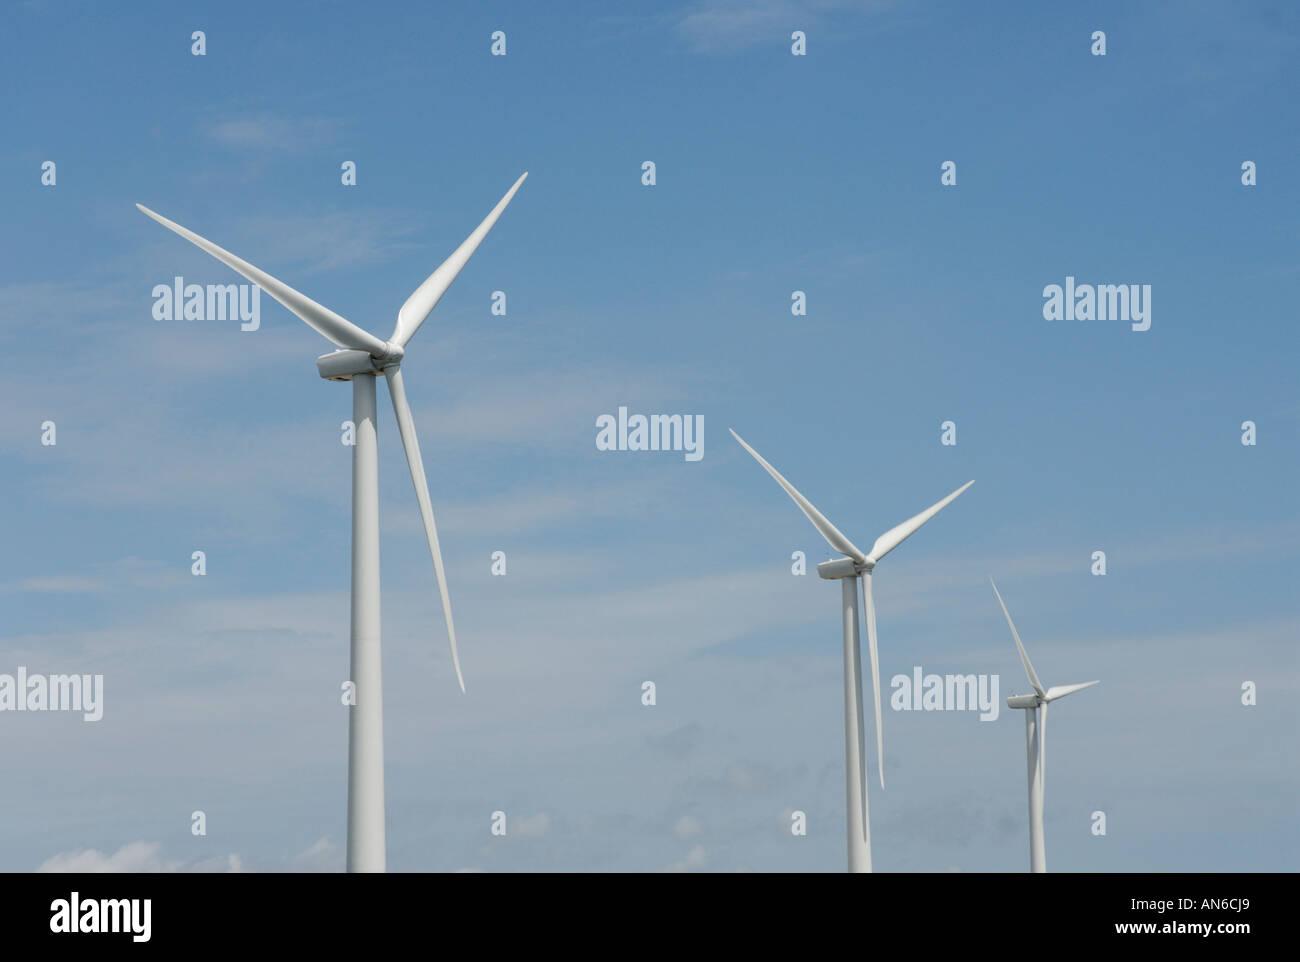 Three wind turbines, close-up of blades, against blue sky. Wind power 'wind farm' turbines alternative energy, - Stock Image